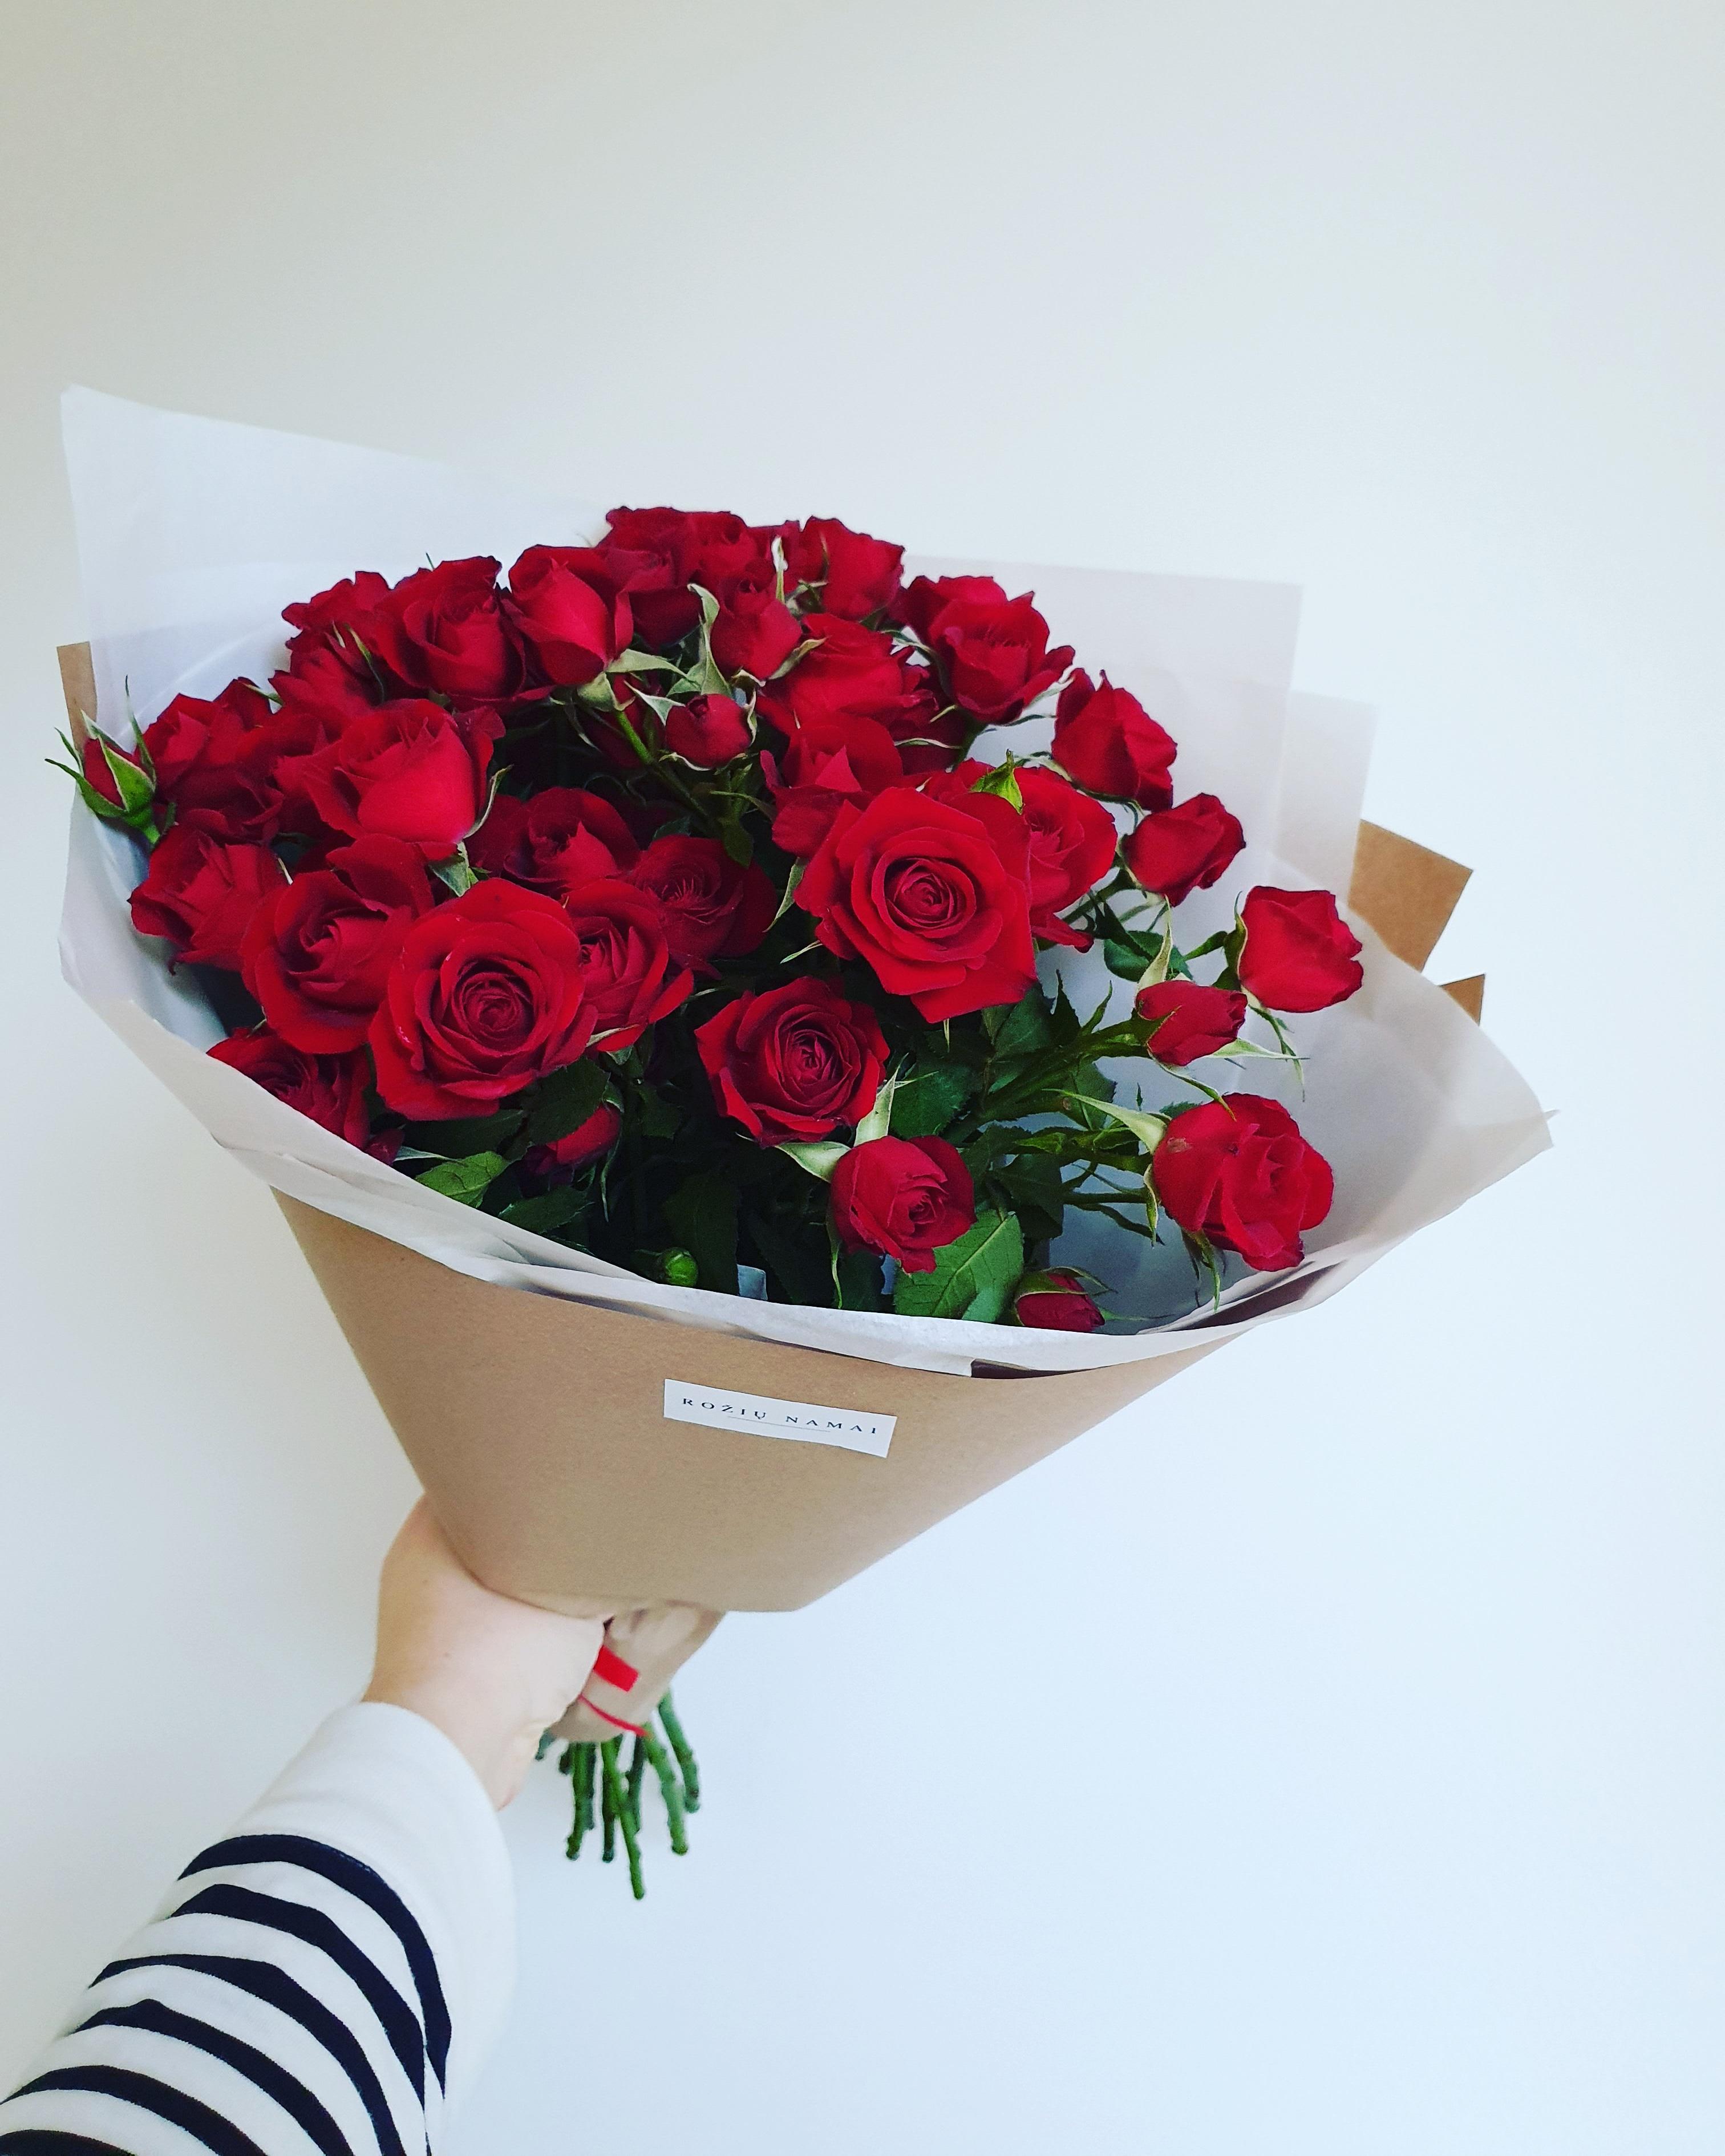 Rubicon daugiažiedės rožės paveikslelis